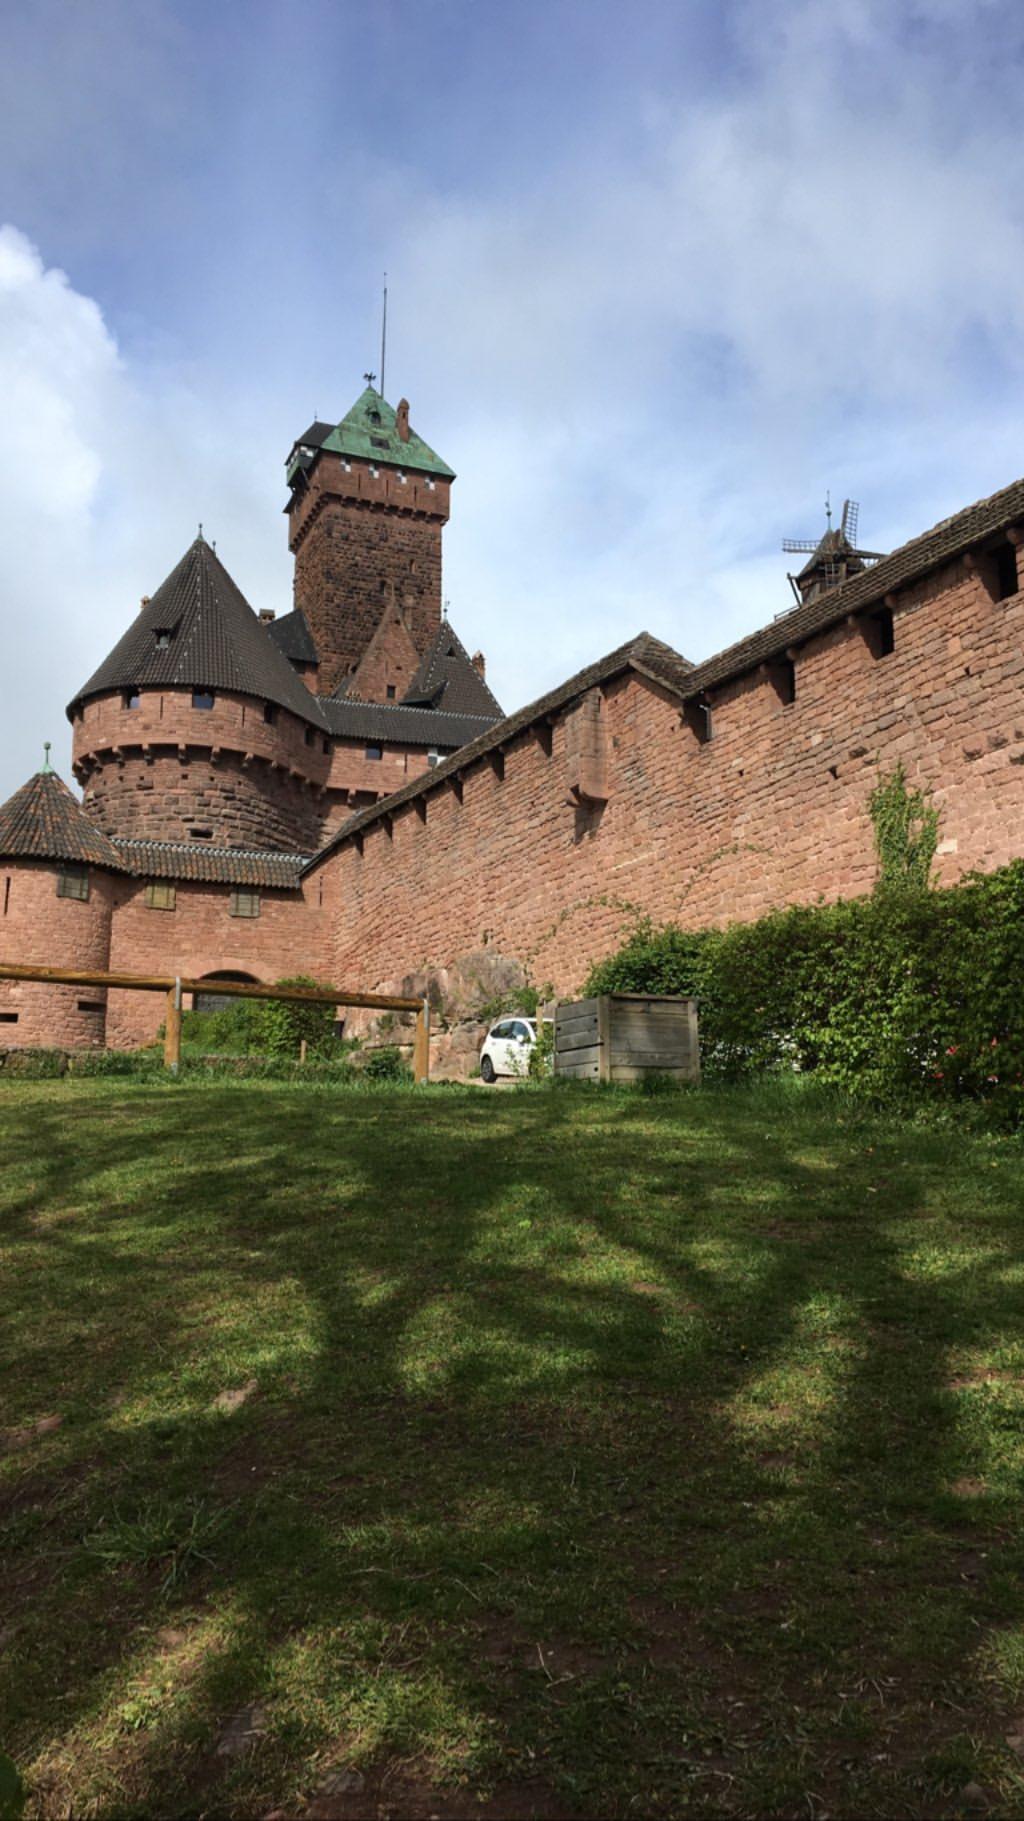 qué ver en Francia - Castillo de Haut Koenigsbourg